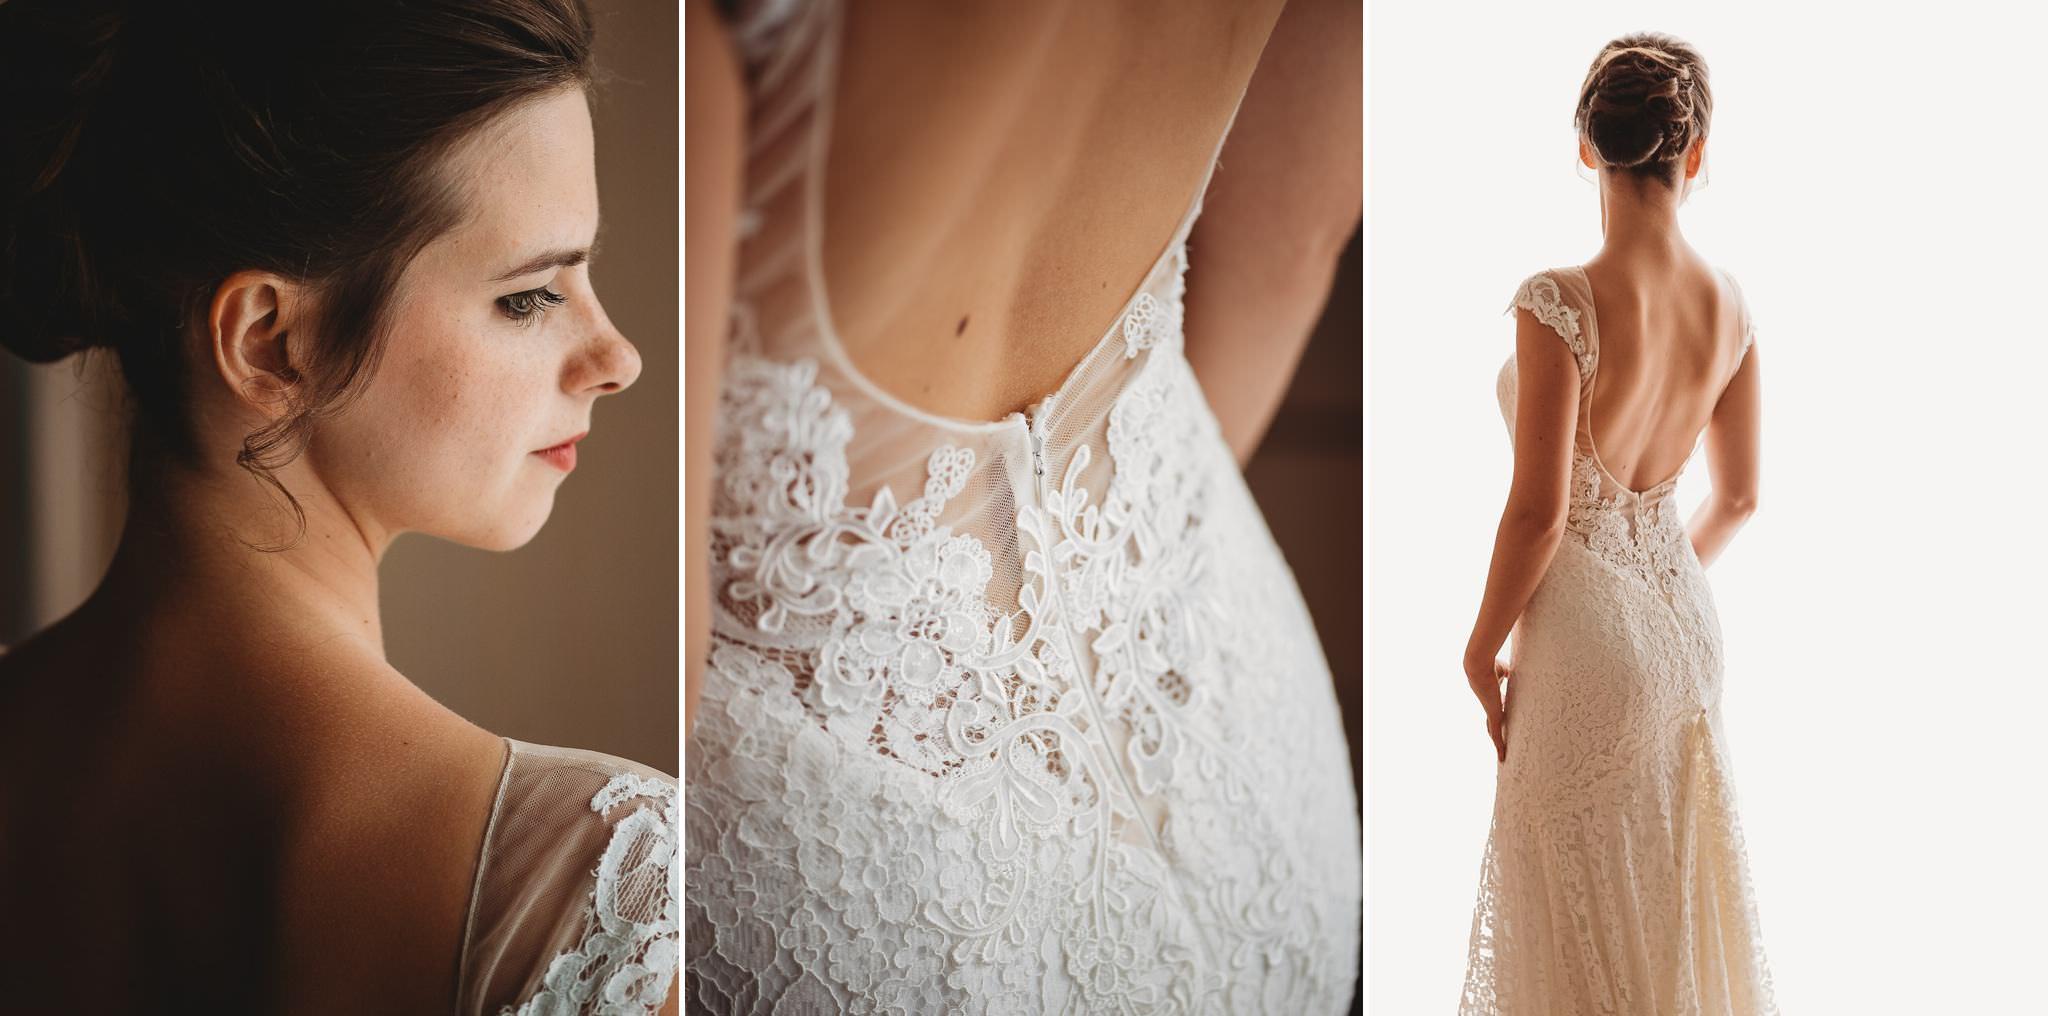 Płacz, łzy, śmiech, szał mieszanka wybuchowych emocji na niezapomnianym ślubie w Jaocinie| fotograf ślubny Konin 45